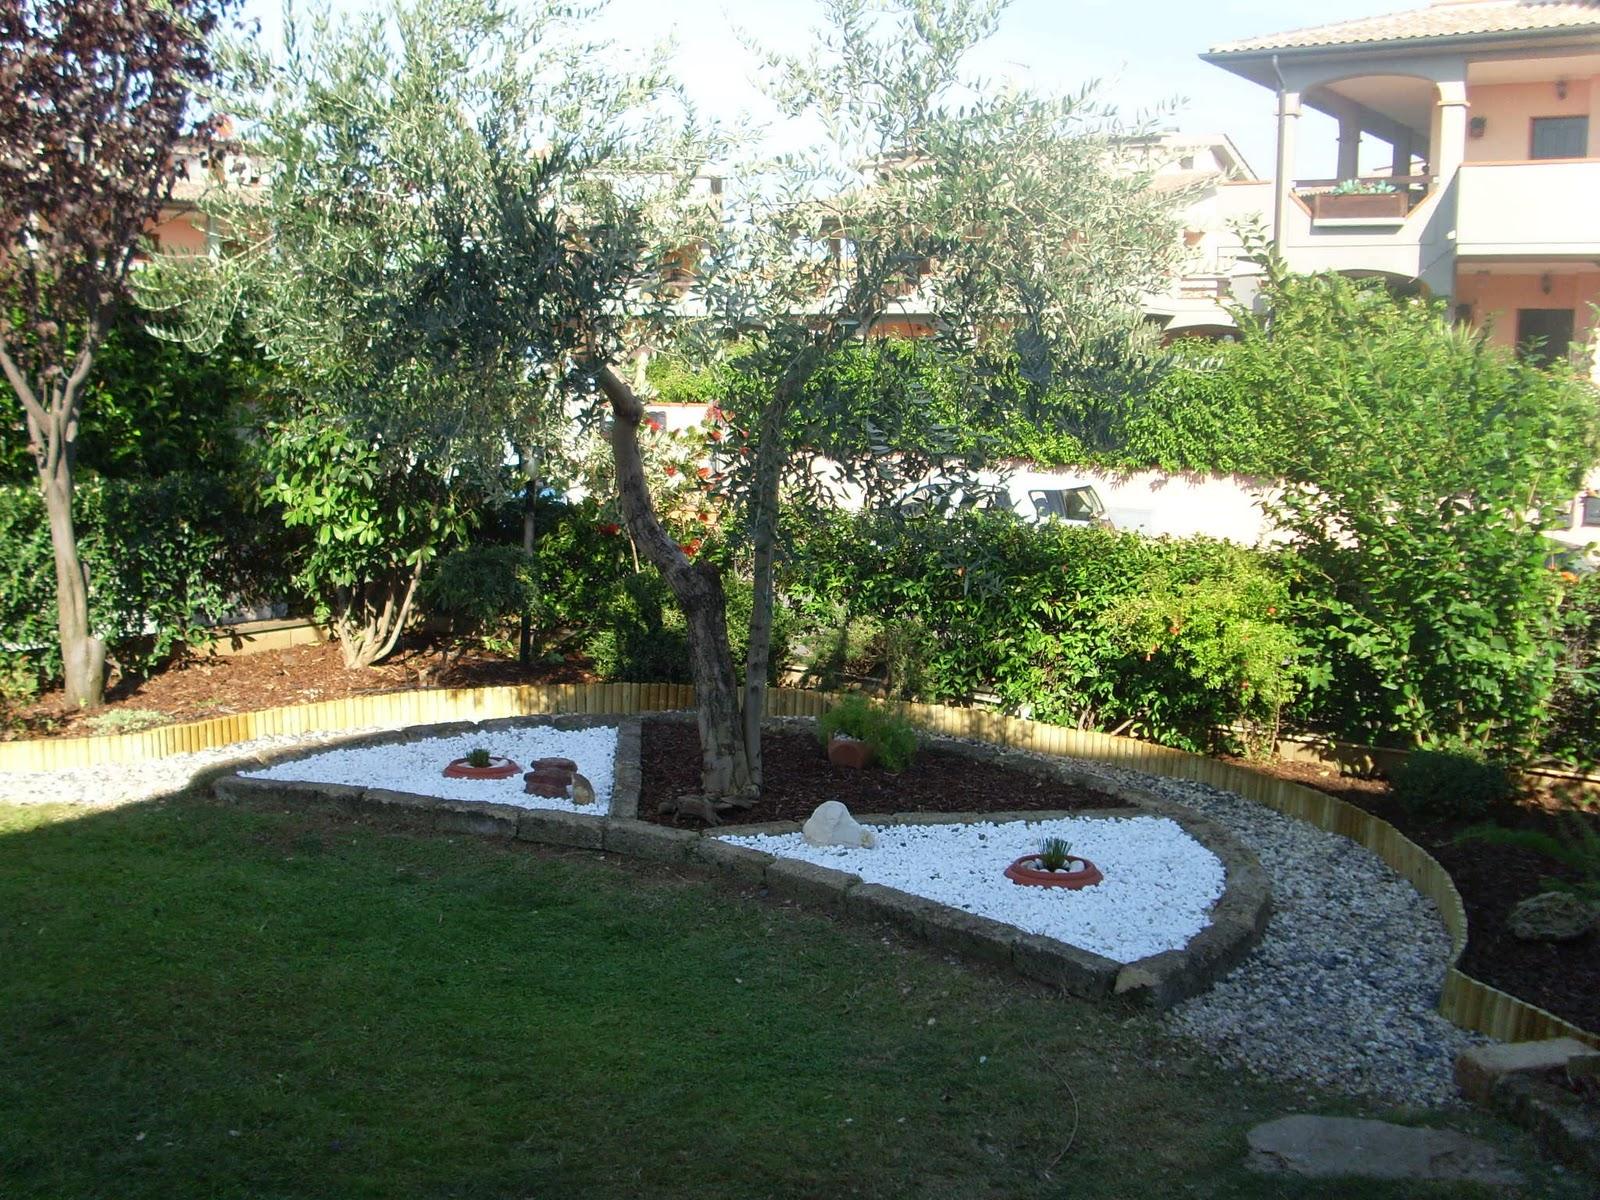 I giardini di carlo e letizia giardino di michela e for Aiuole giardino con sassi